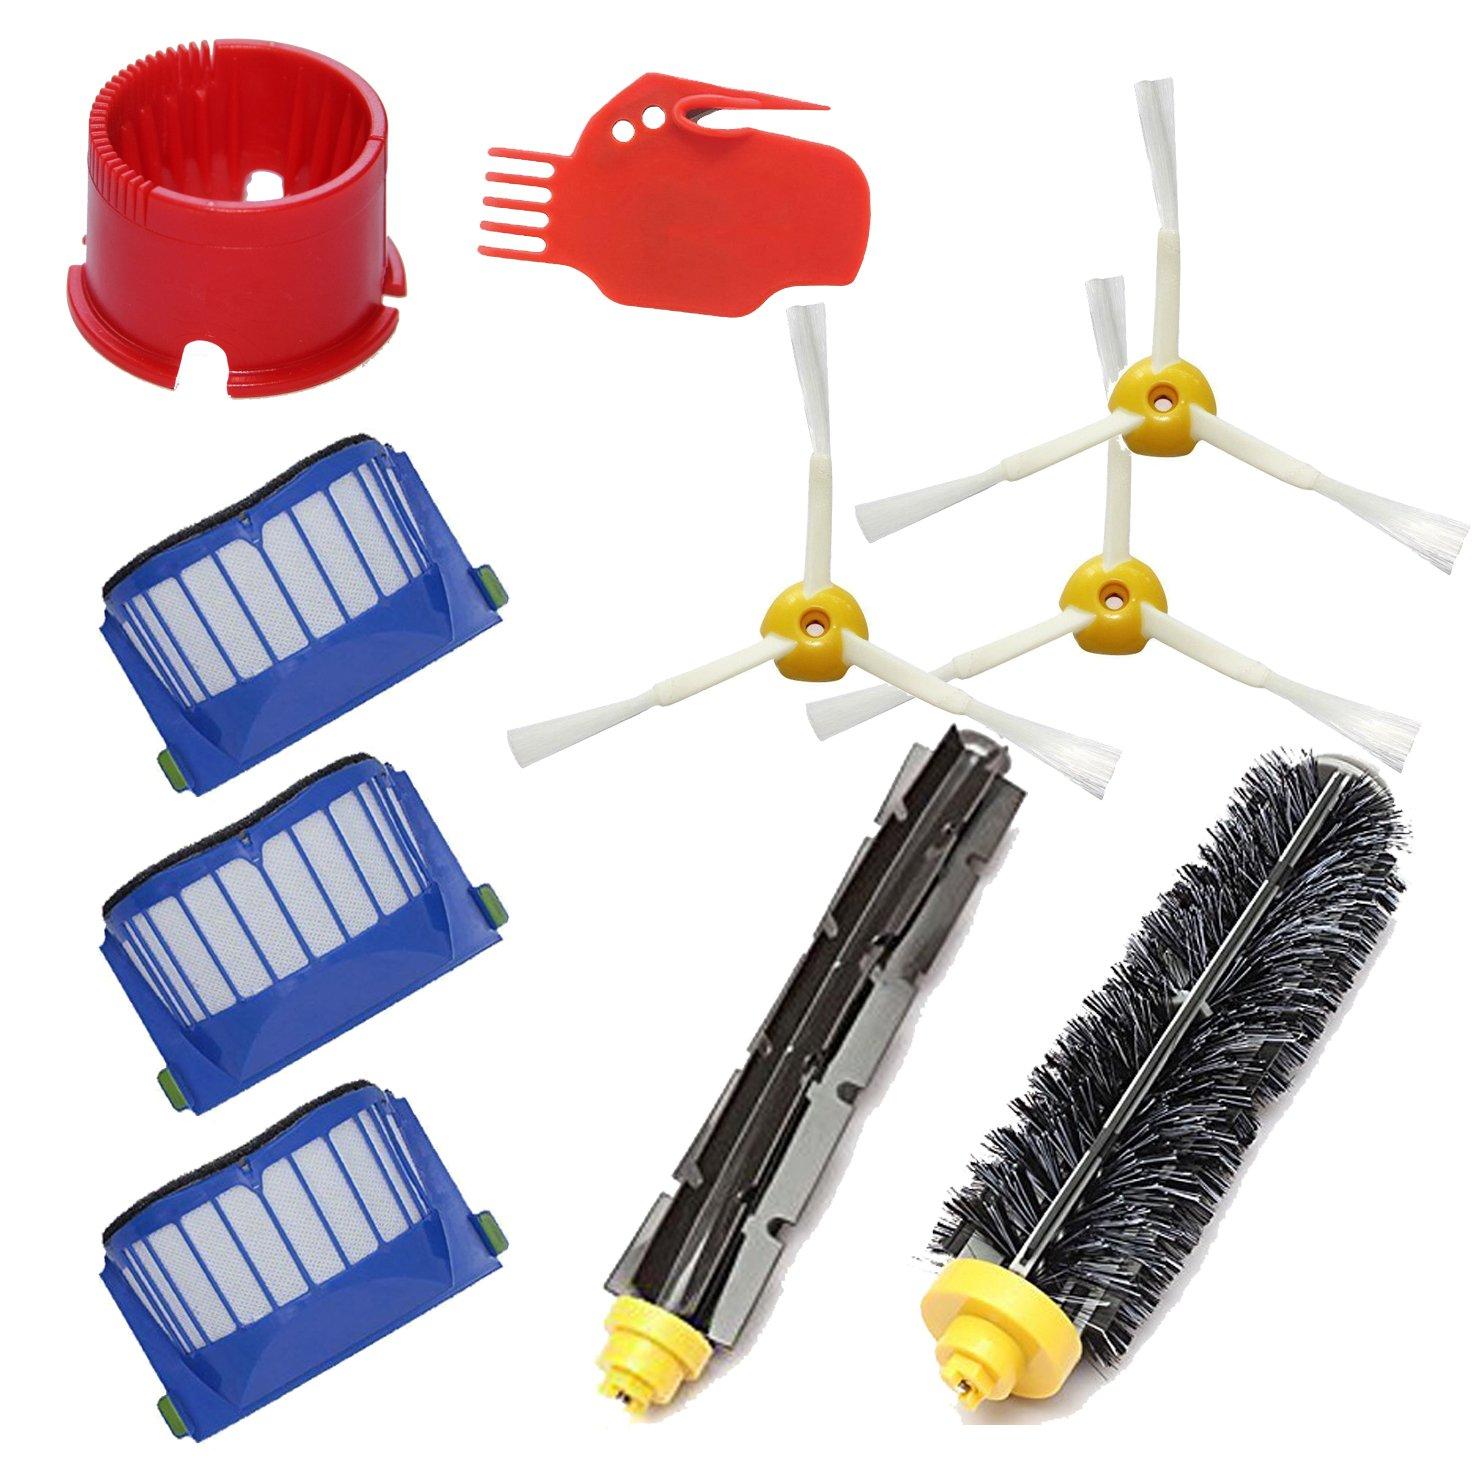 620 630 650 660 DigitalTech/® Pack//Kit reposici/ón de 10 cepillos filtros y Accesorios para aspiradoras iRobot Roomba 600